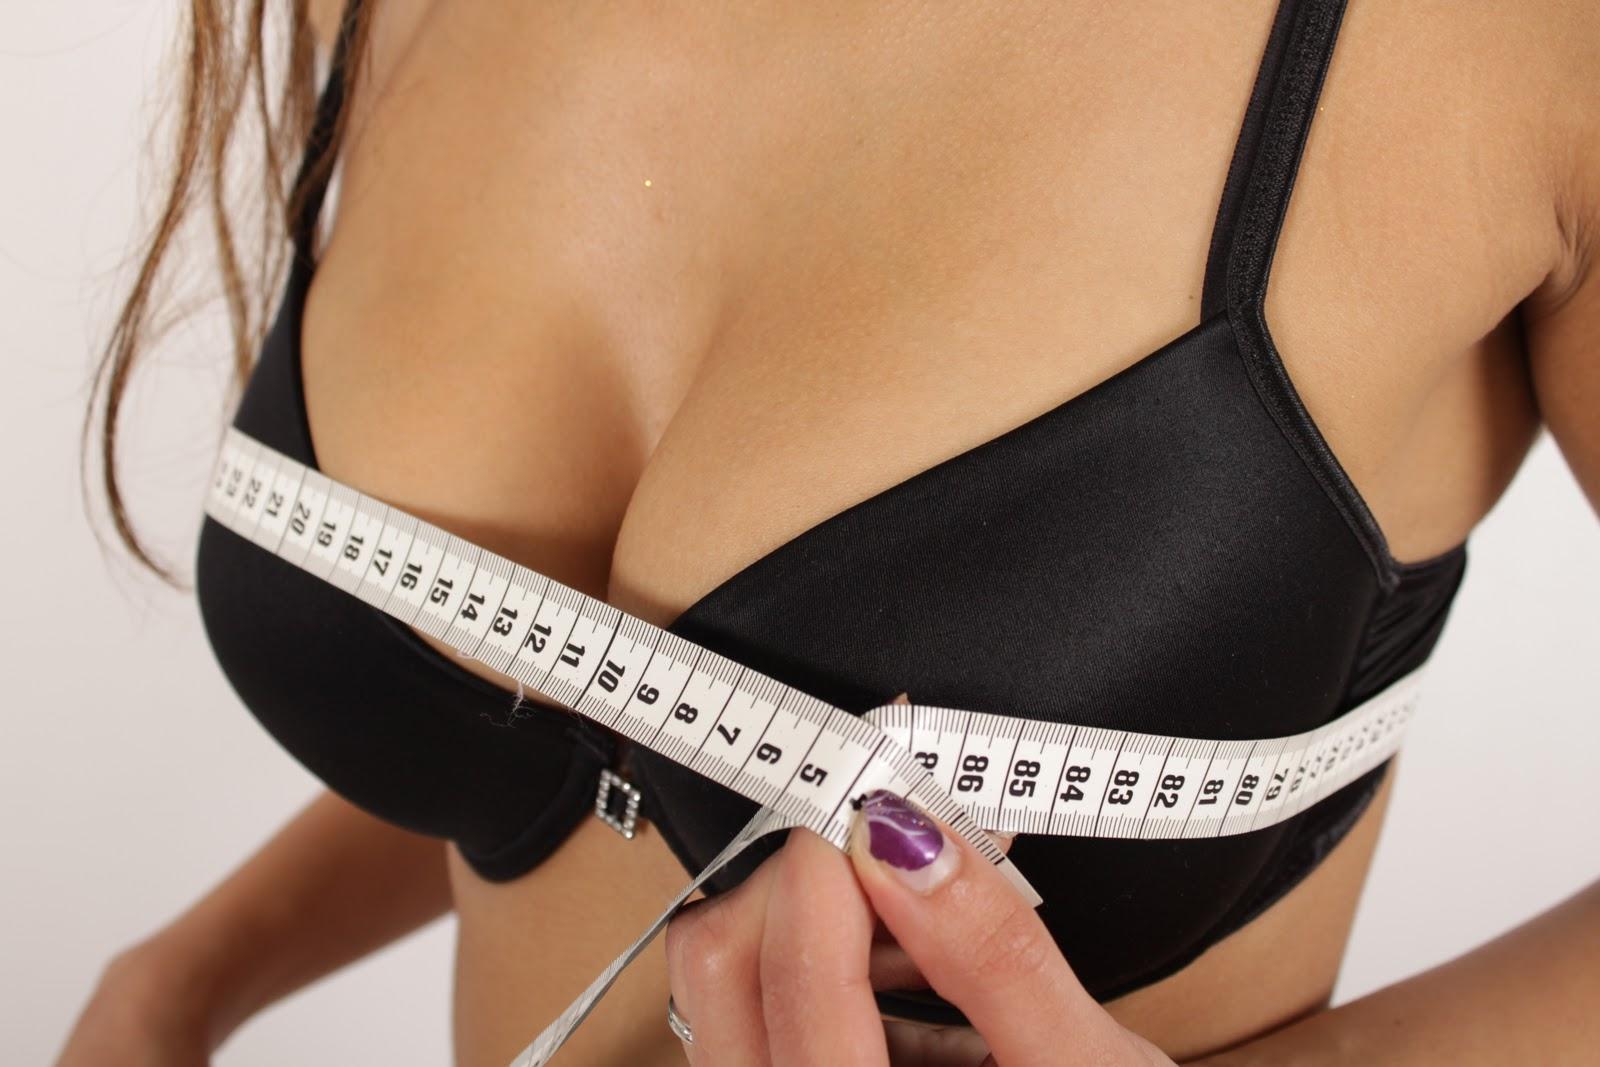 Увлечение женскими грудями 11 фотография